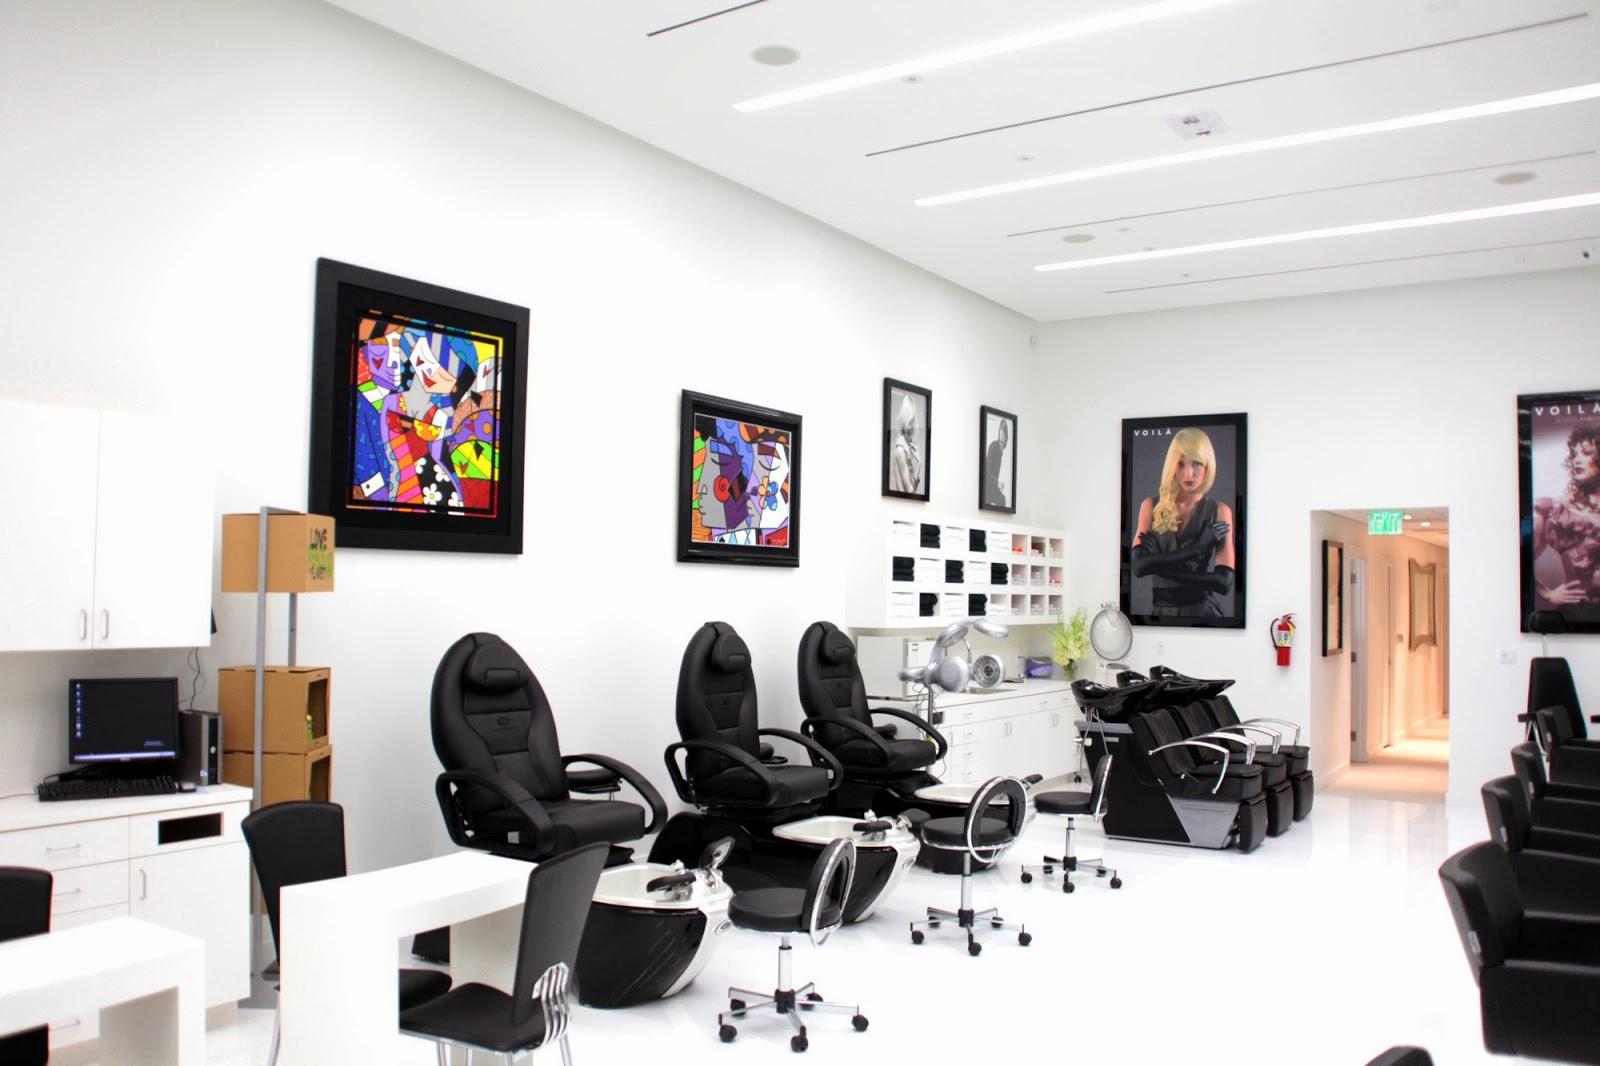 Fotos de decoraciones de salones de belleza 46